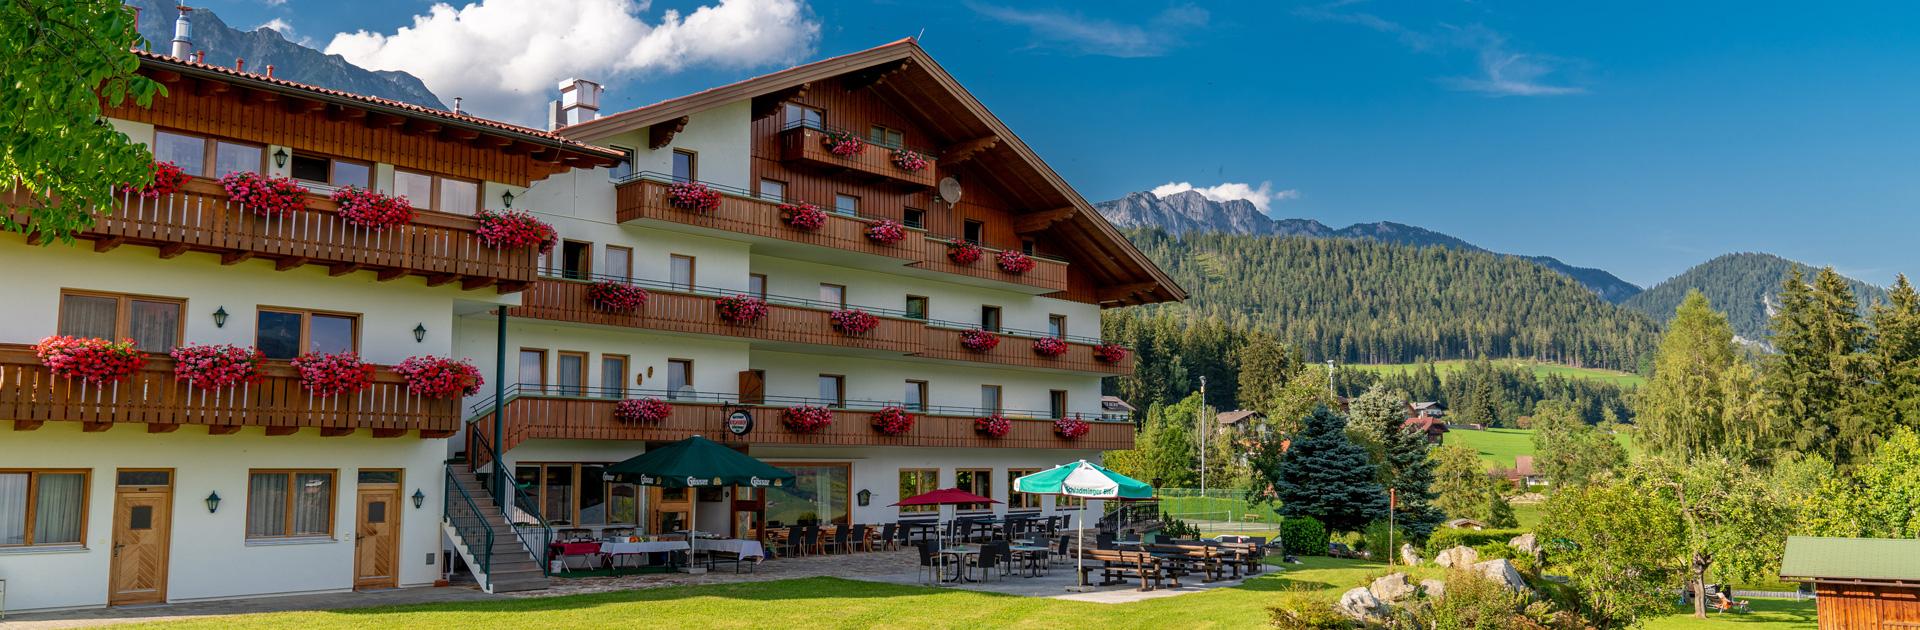 Terrasse Hotel Kielhuberhof